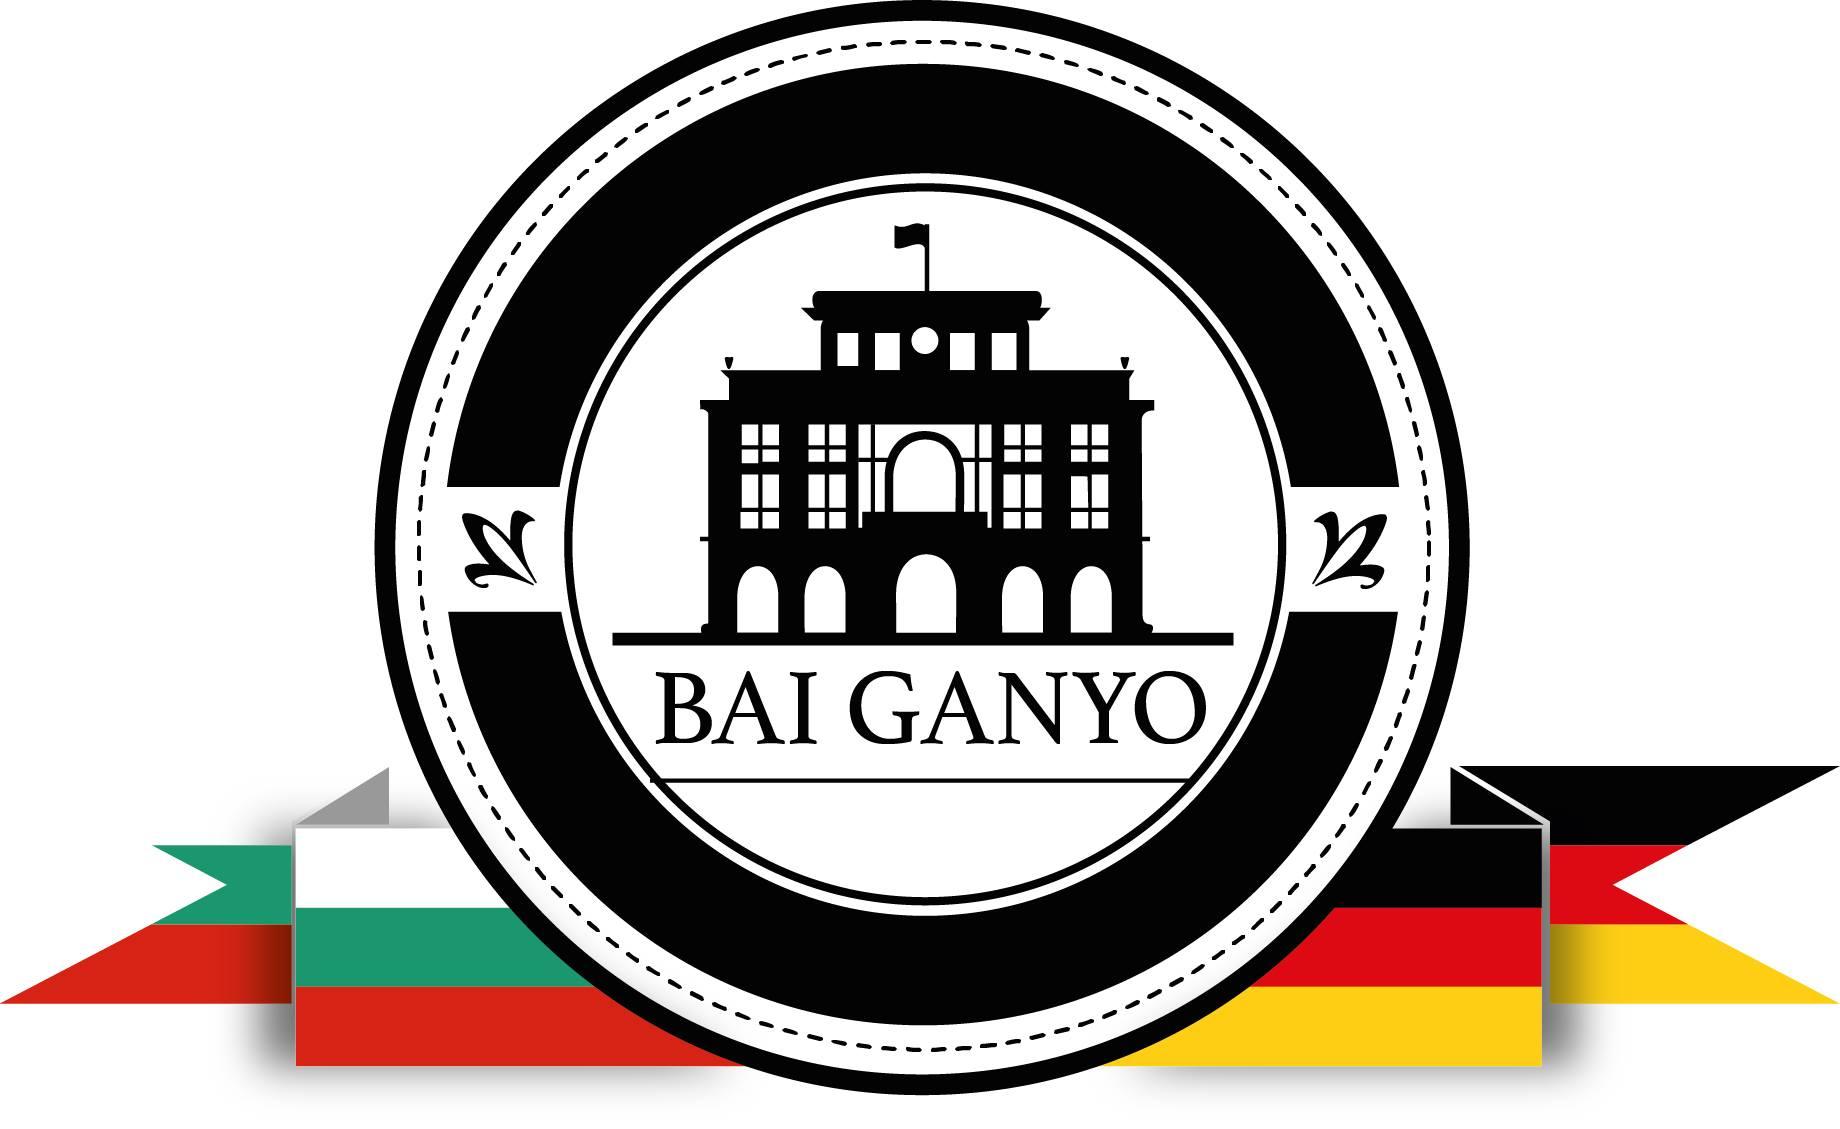 bai_ganyo